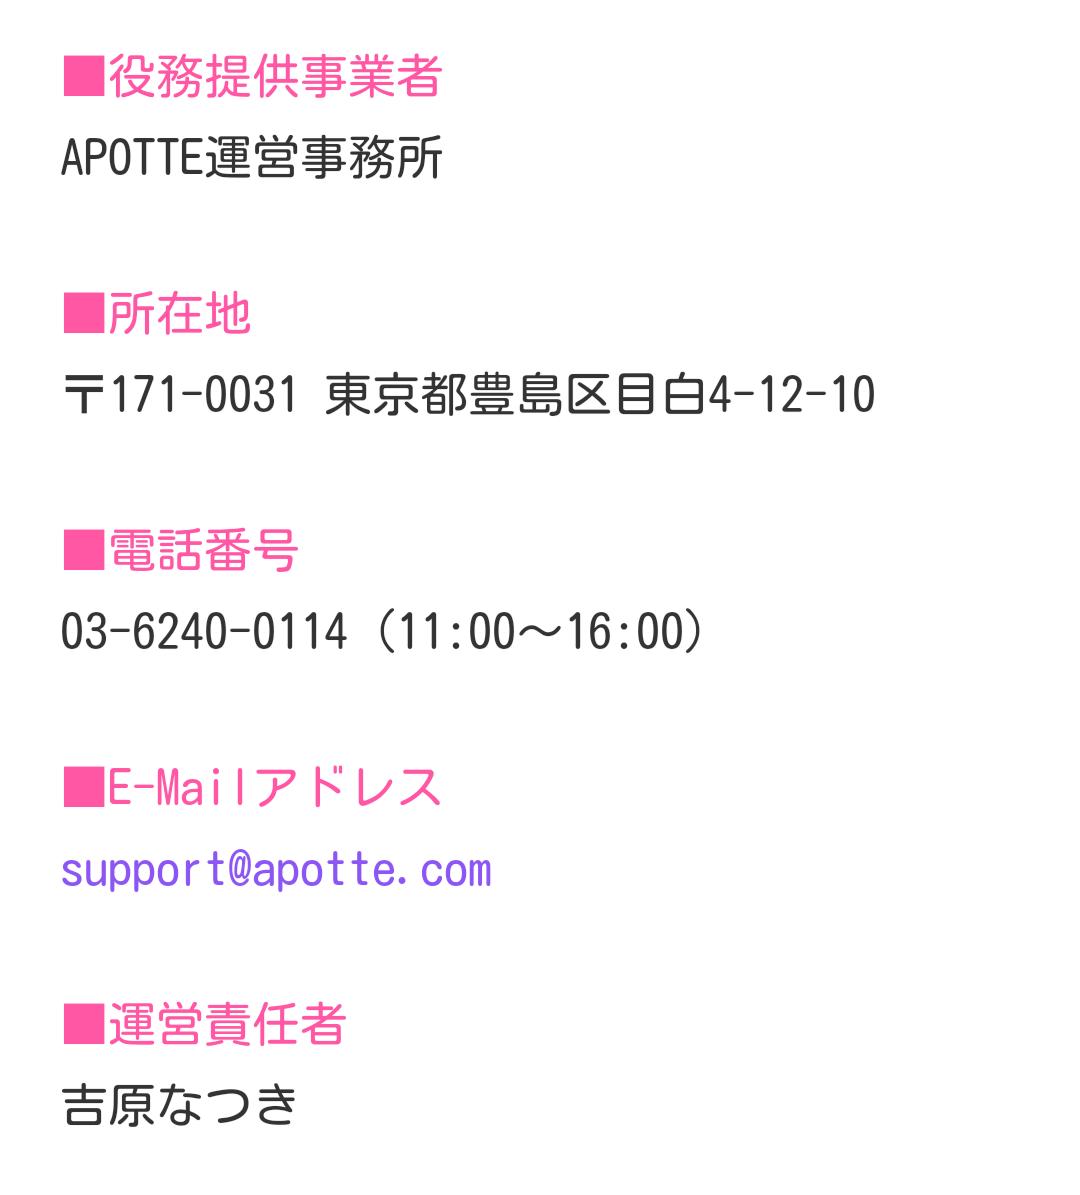 登録無料で友達探しするならチャットトークアプリ「アポッテ」の運営情報